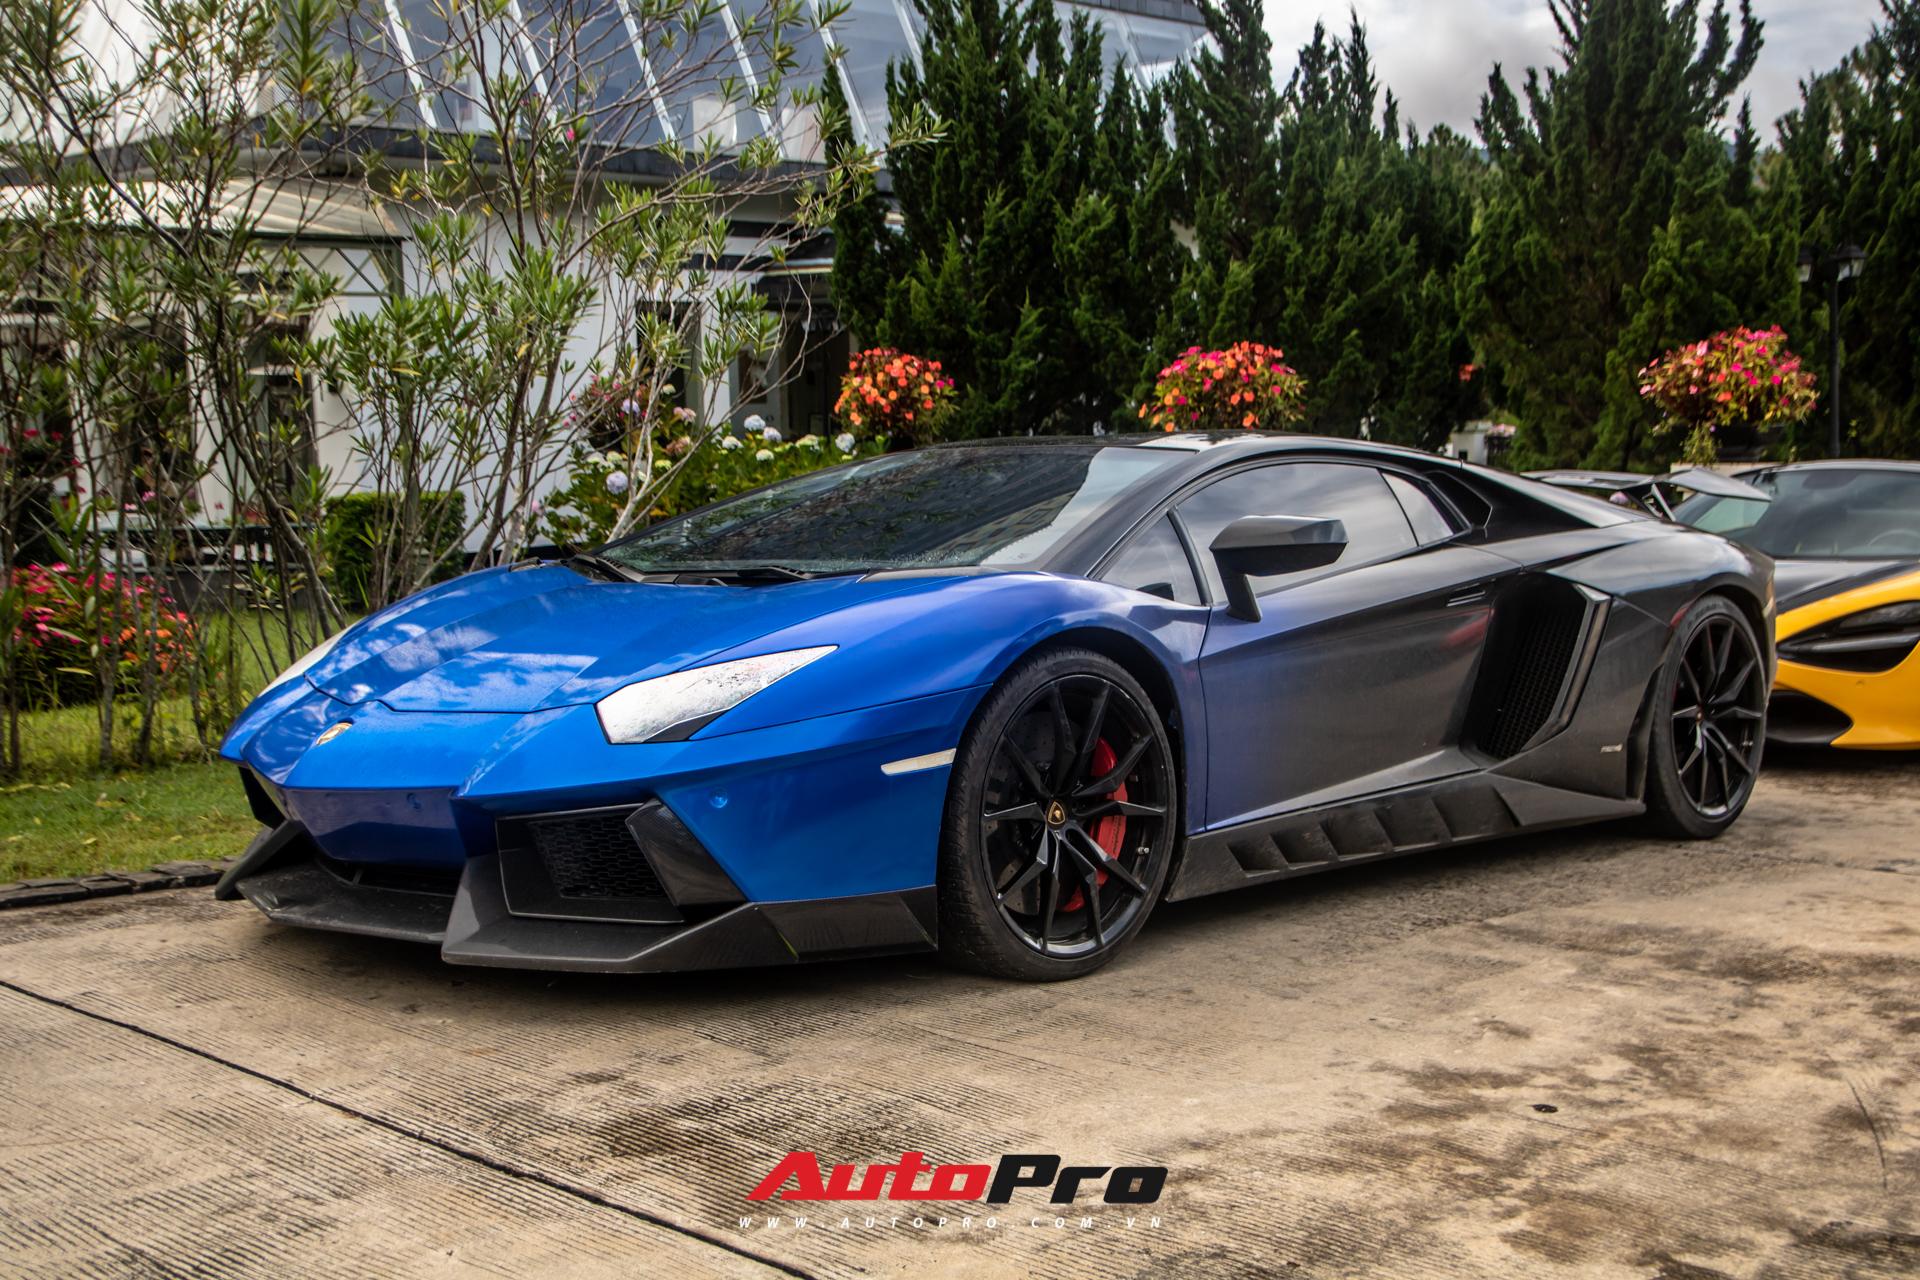 Cuối cùng là chiếc Lamborghini Aventador dán decal màu xanh-đen. Xe thuộc bản tiêu chuẩn (Coupe), sử dụng động cơ V12, dung tích 6,5 lít, hút khí tự nhiên, công suất cực đại đạt 700 mã lực và mô-men xoắn 690 Nm. Kết hợp với hệ dẫn động bốn bánh và hộp số bán tự động 7 cấp ly hợp đơn, xe có khả năng tăng tốc từ 0-100 km/h trong 2,9 giây trước khi đạt tốc độ tối đa 350 km/h.